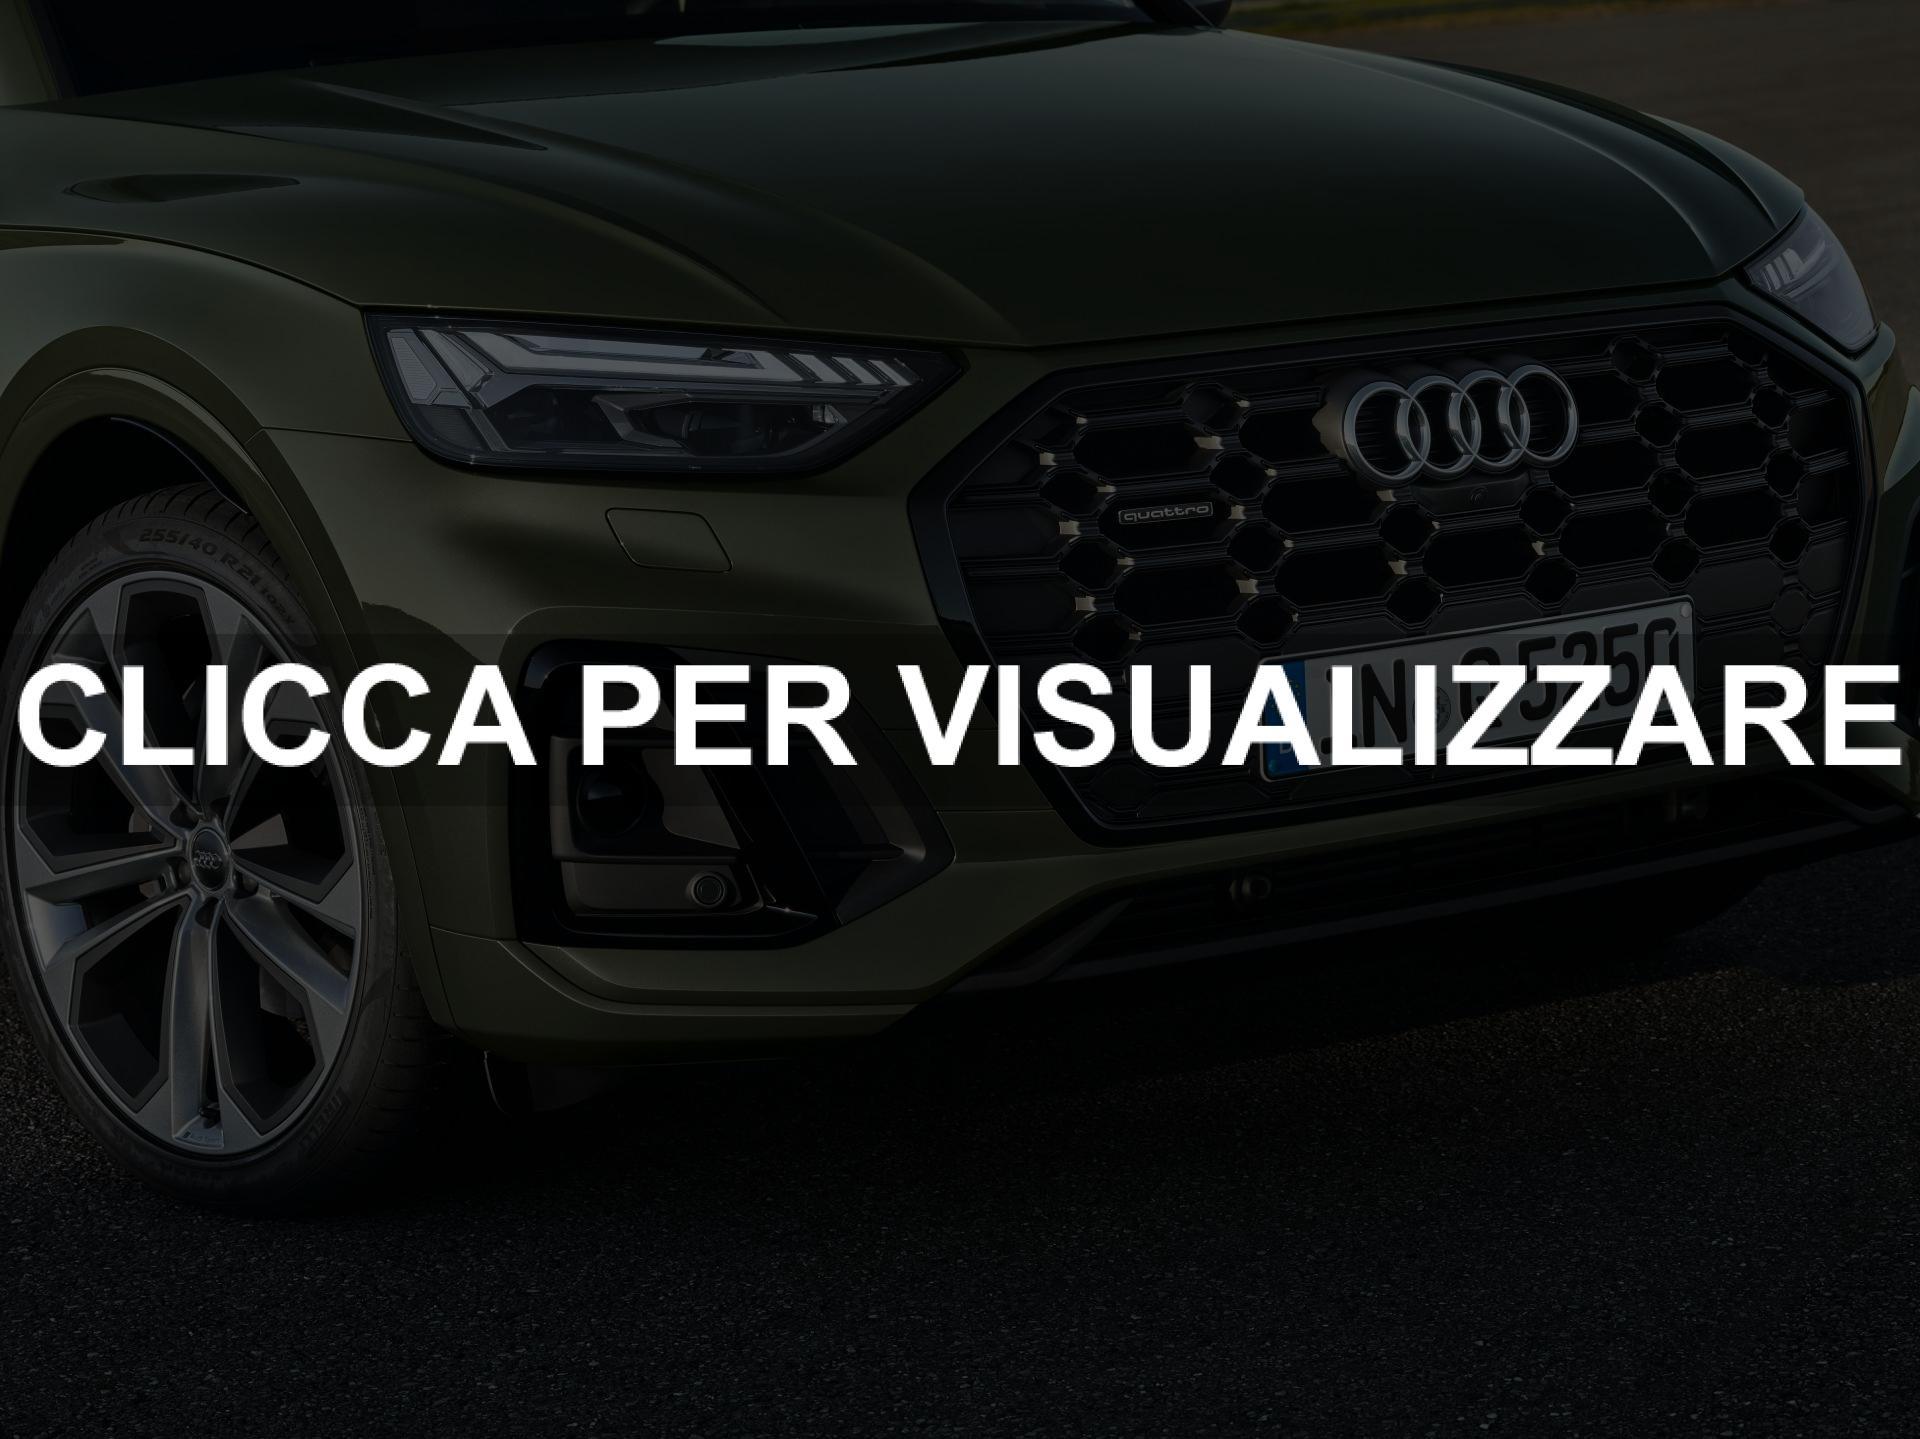 Griglia nuovo Audi Q5 2020